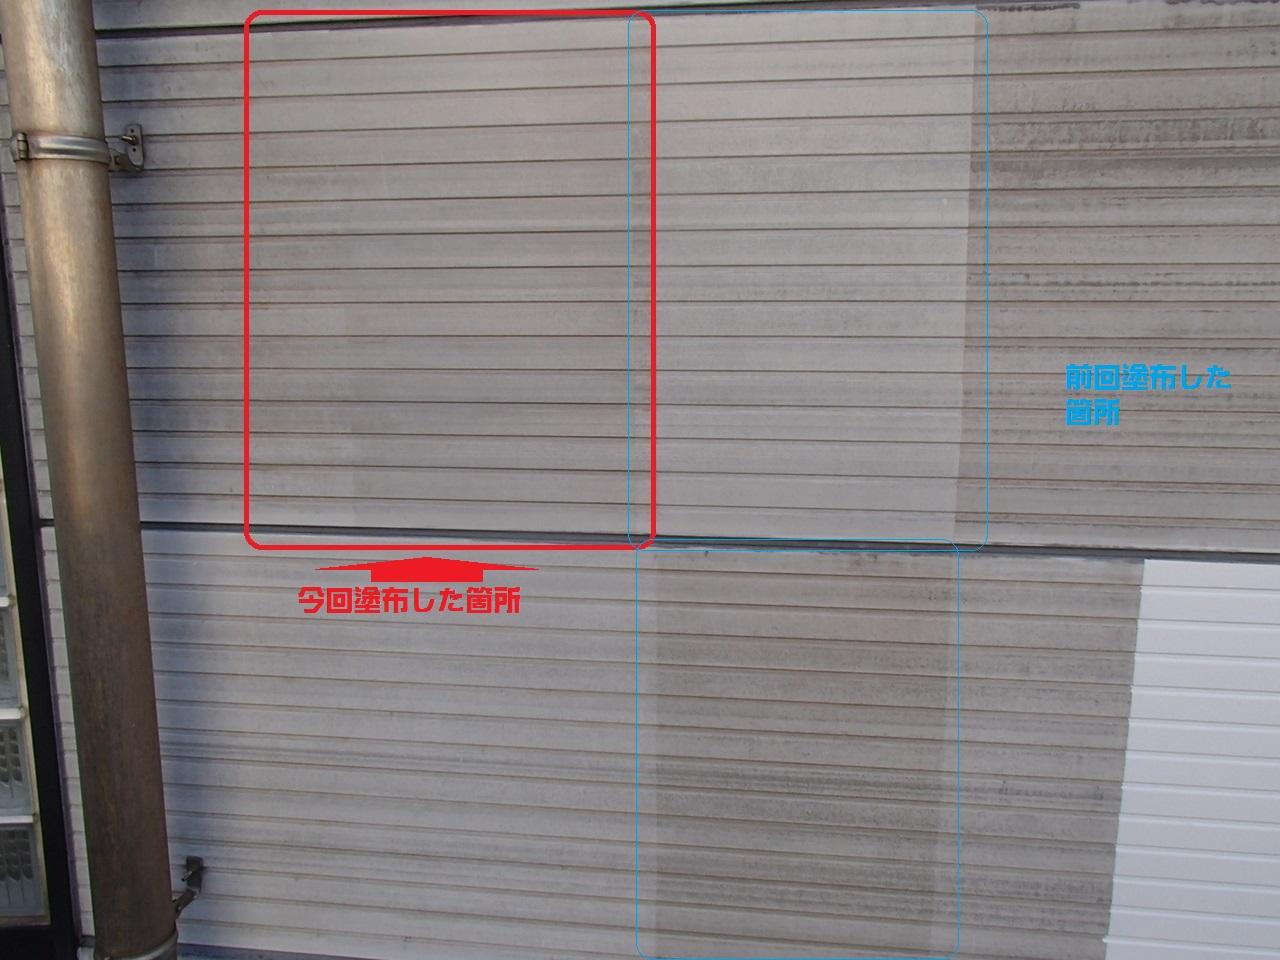 ラムダ塗替試験[浜松市南区の加藤塗装]|外壁塗装、屋根塗装